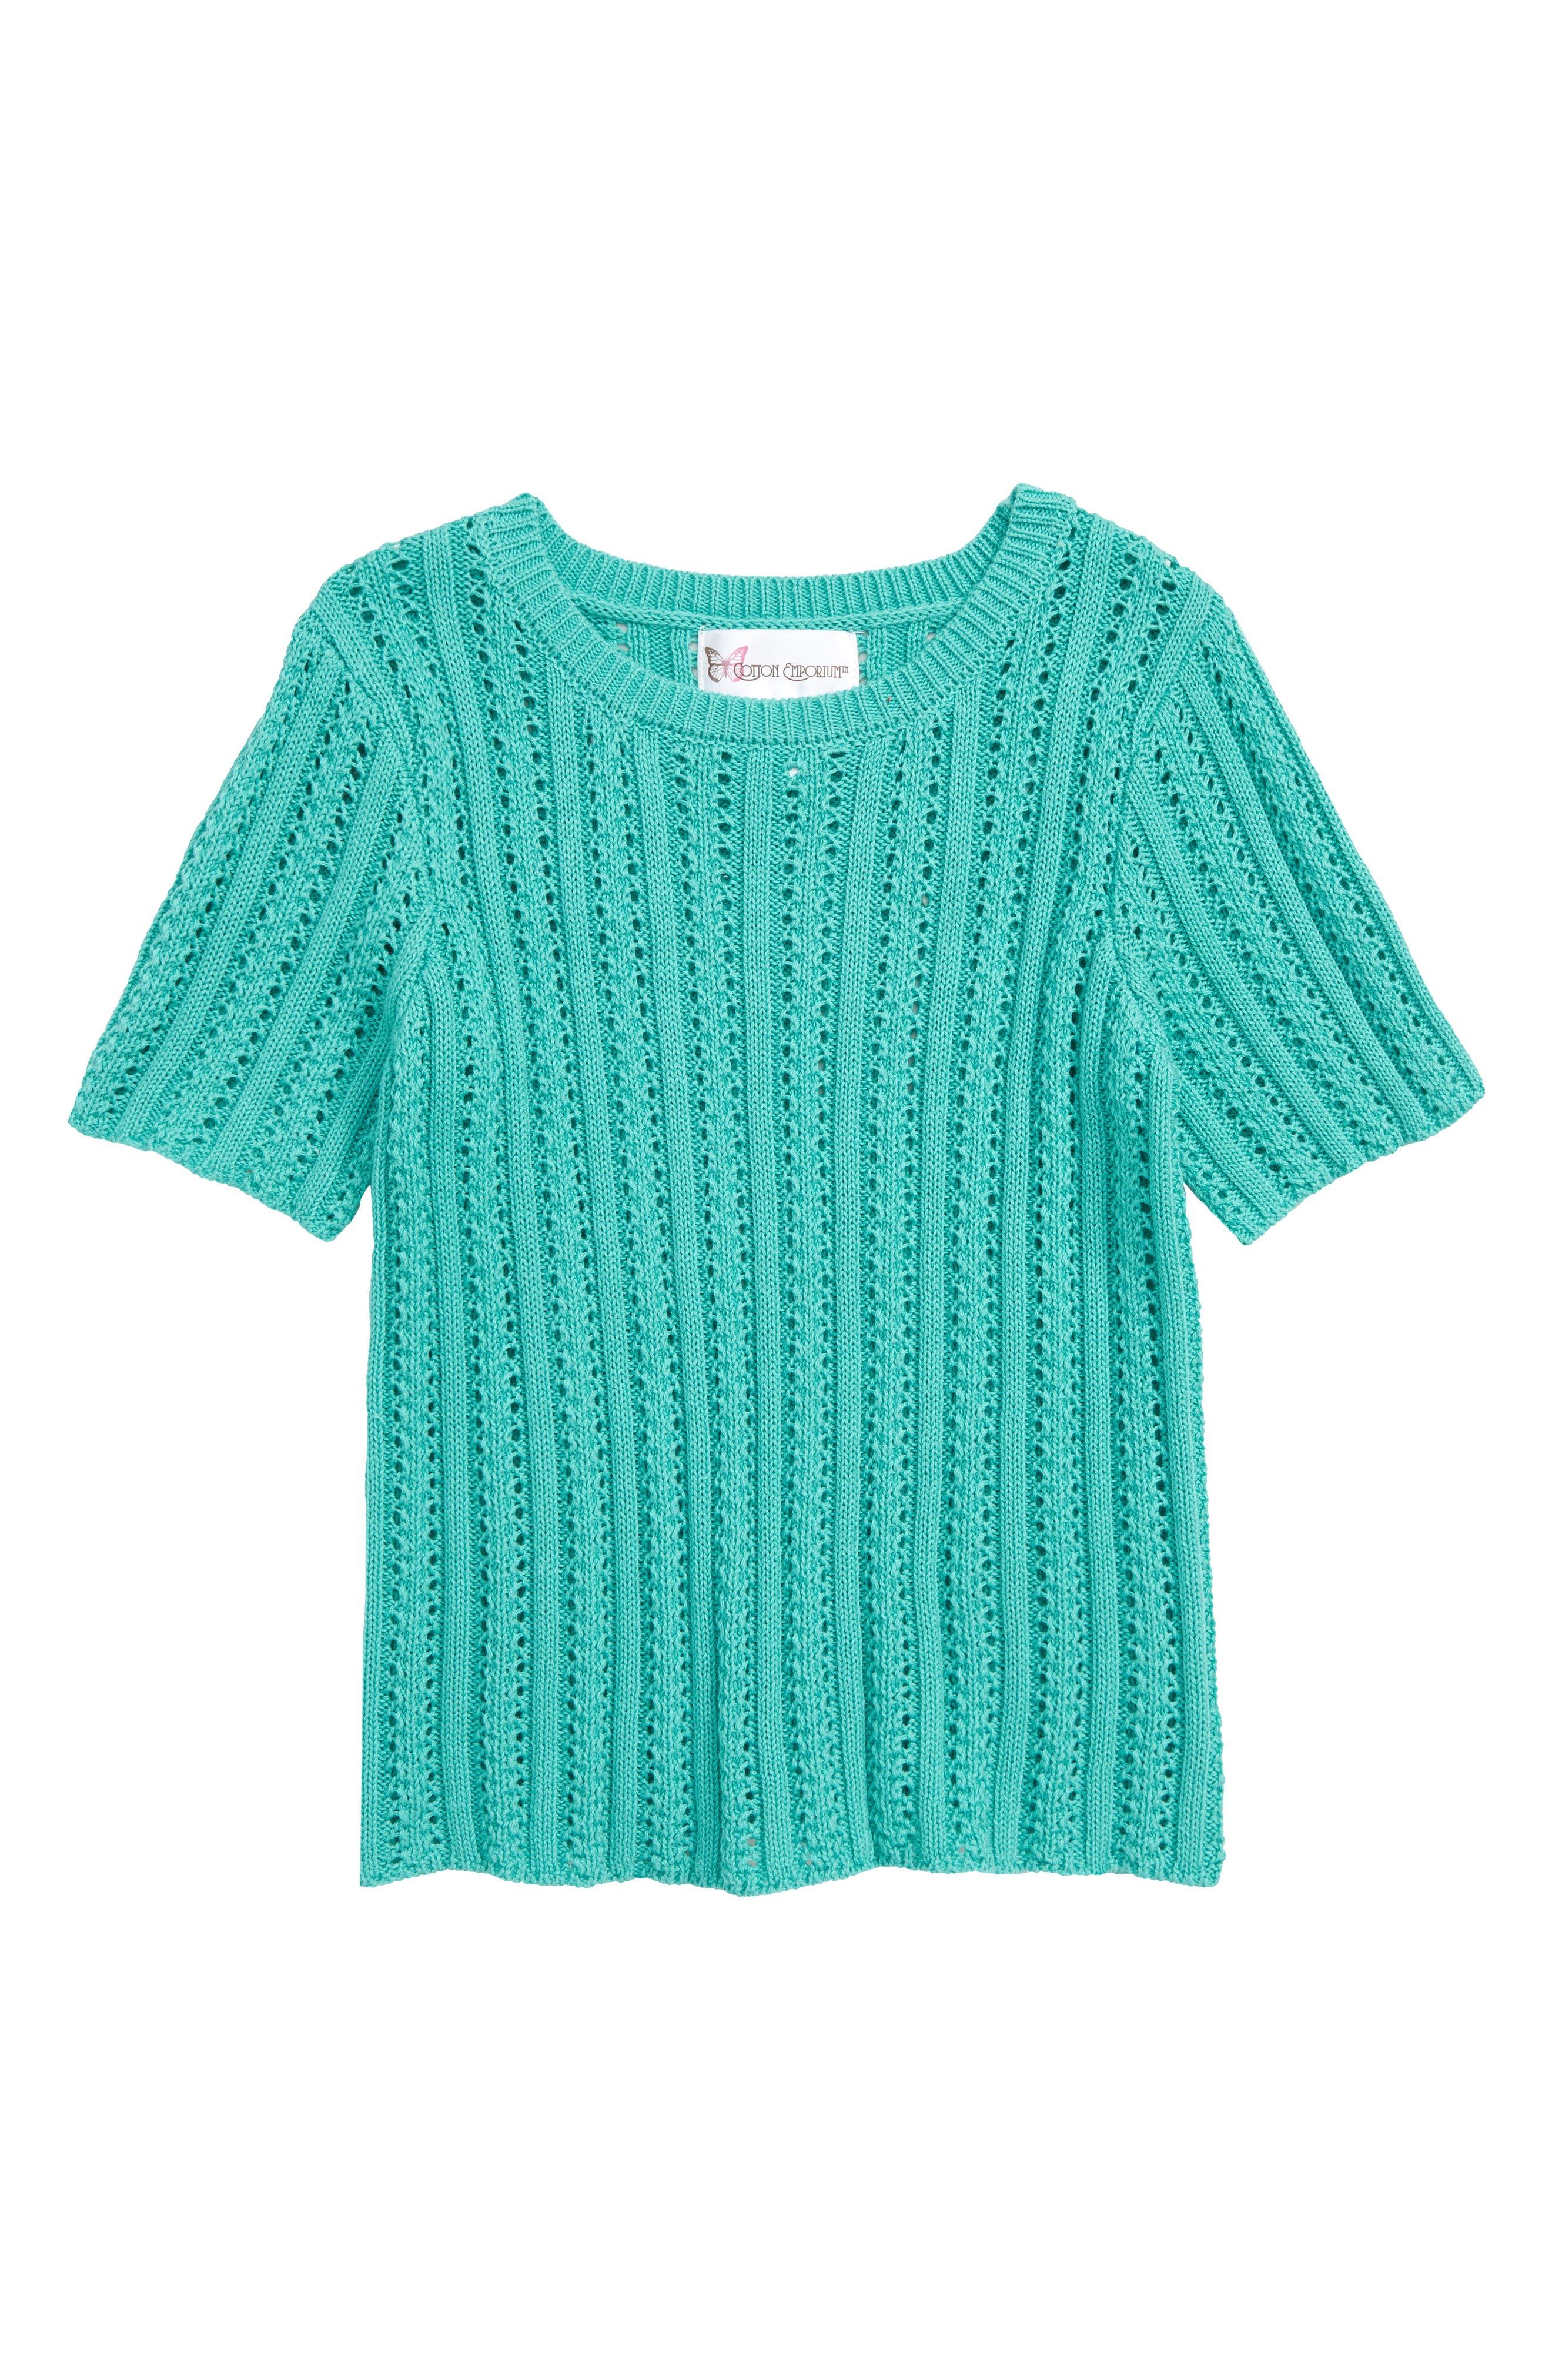 COTTON EMPORIUM,                             Loose Knit Sweater,                             Main thumbnail 1, color,                             MINT